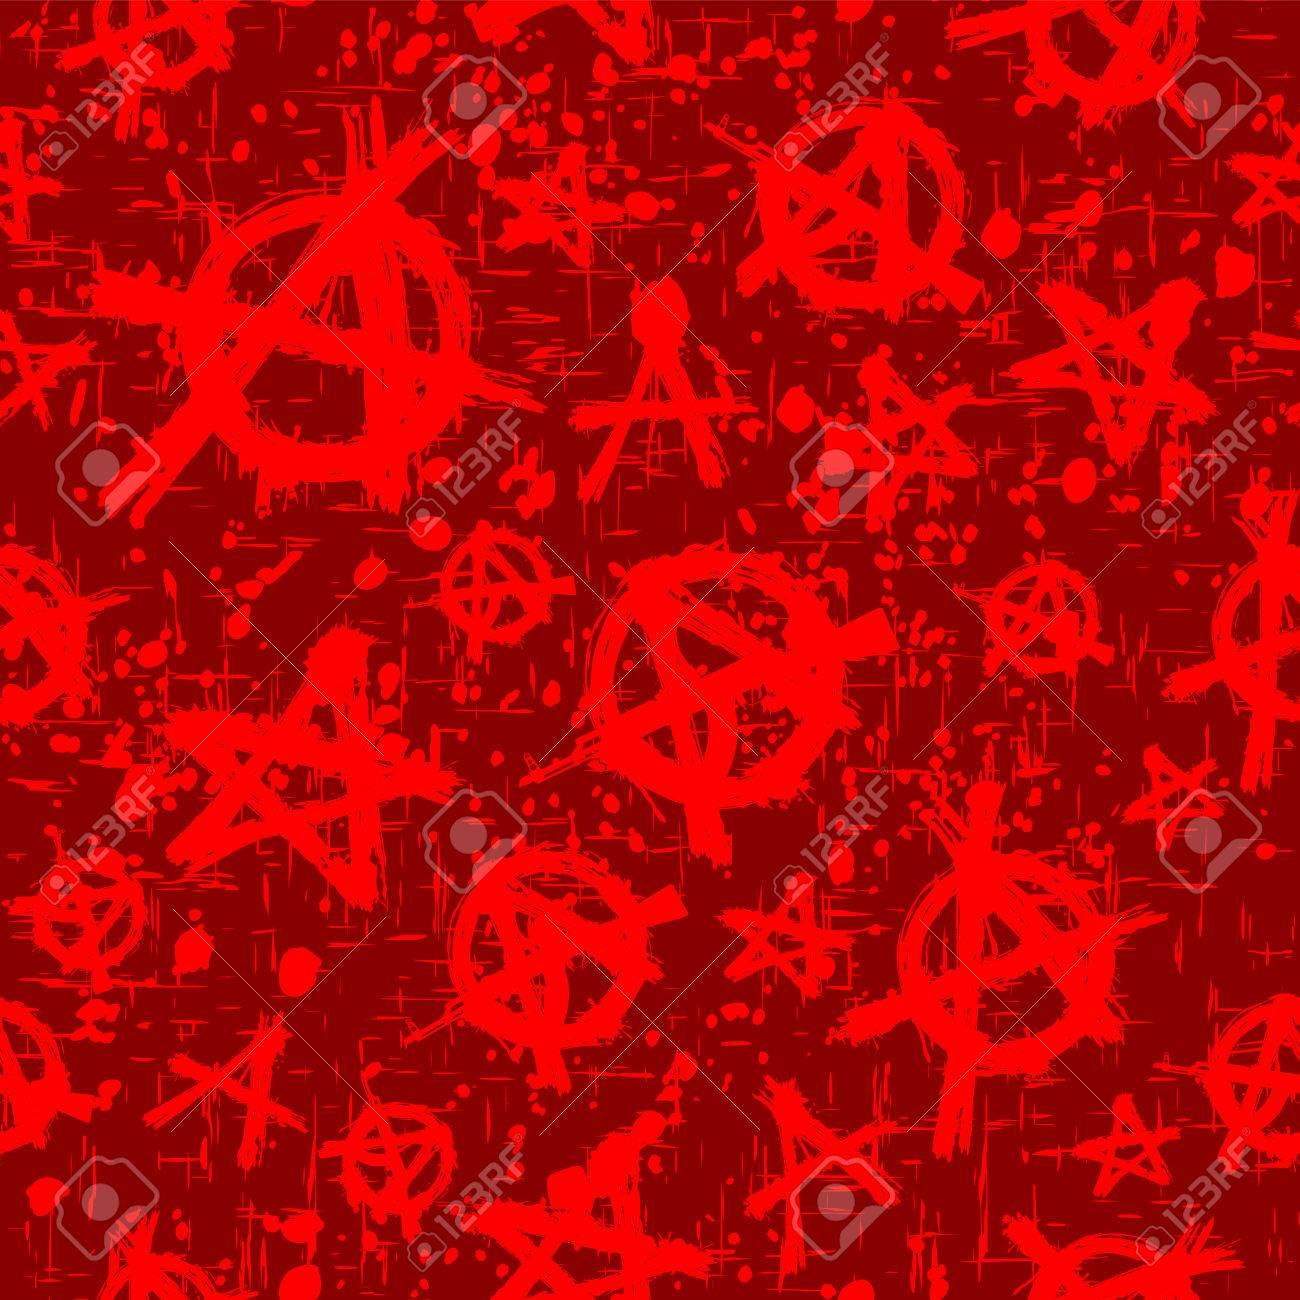 Illustrazione Vettoriale Astratto Sfondo Rosso E Bordeaux Anarchia Senza Soluzione Di Continuità